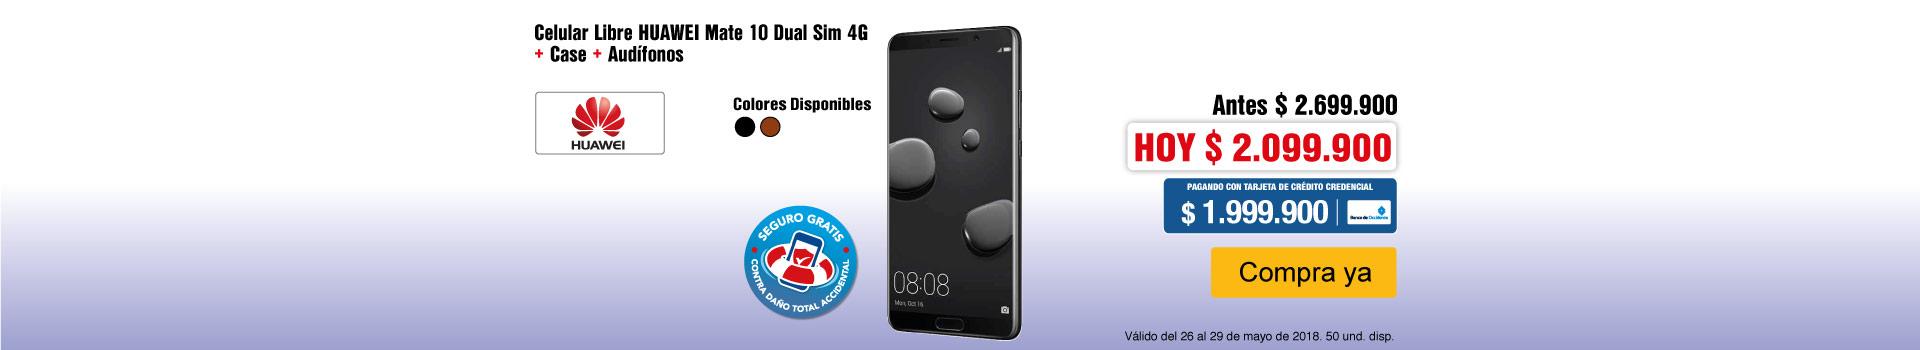 KT-HIPER-1-celulares-PP---Huawei-Mate10-May26